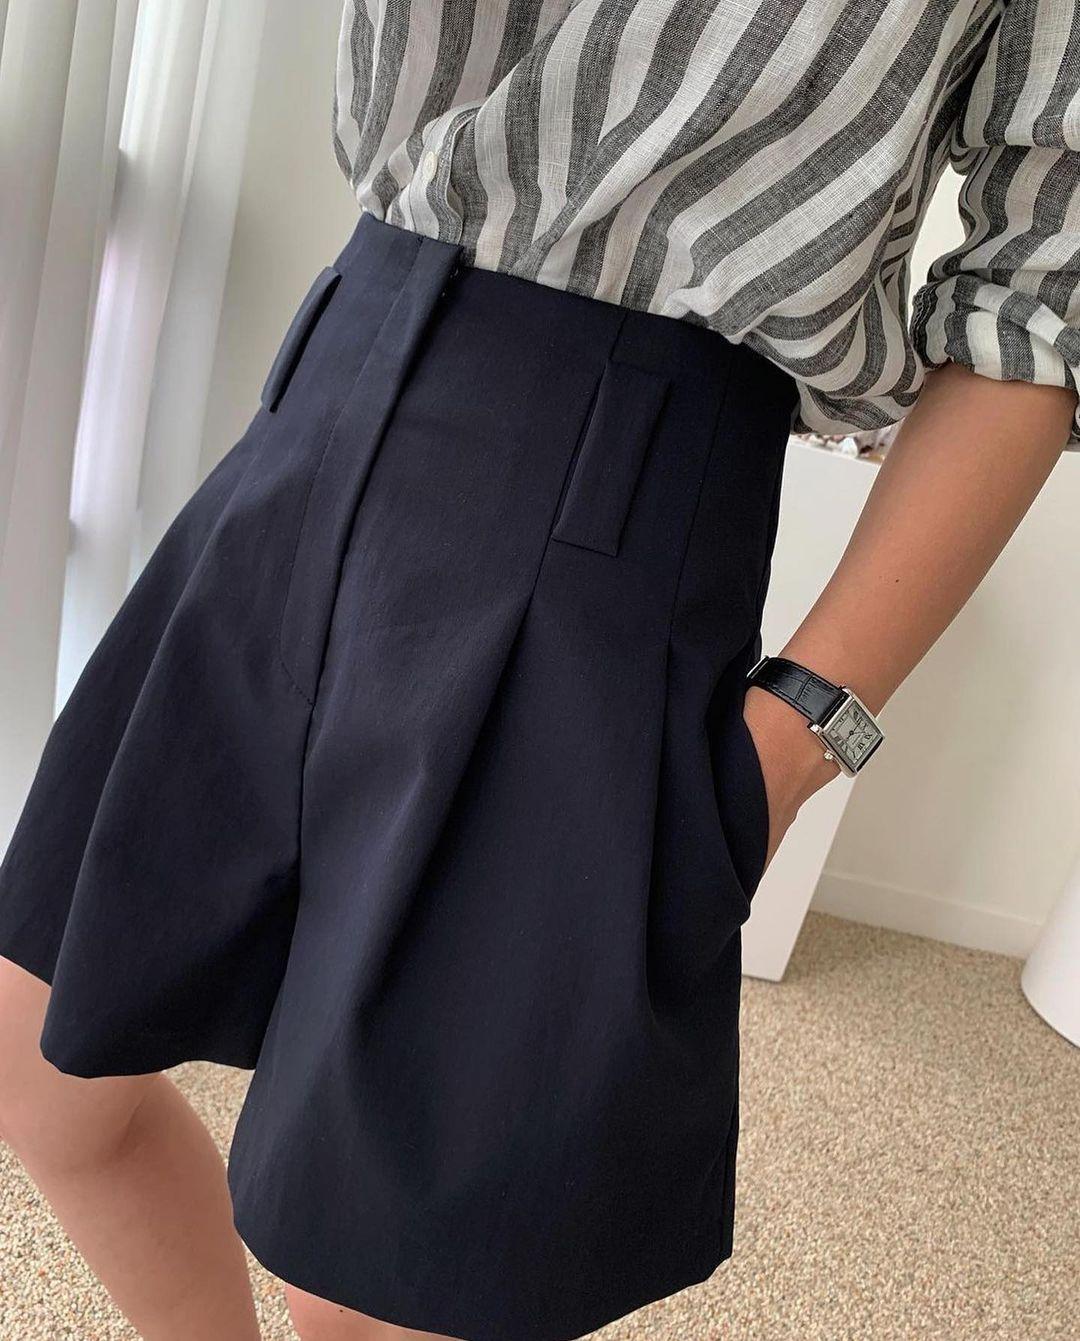 Kiểu quần short hot nhất lúc này: Mặc siêu mát, giúp chân nhỏ đi và tăng vẻ thanh lịch - 7